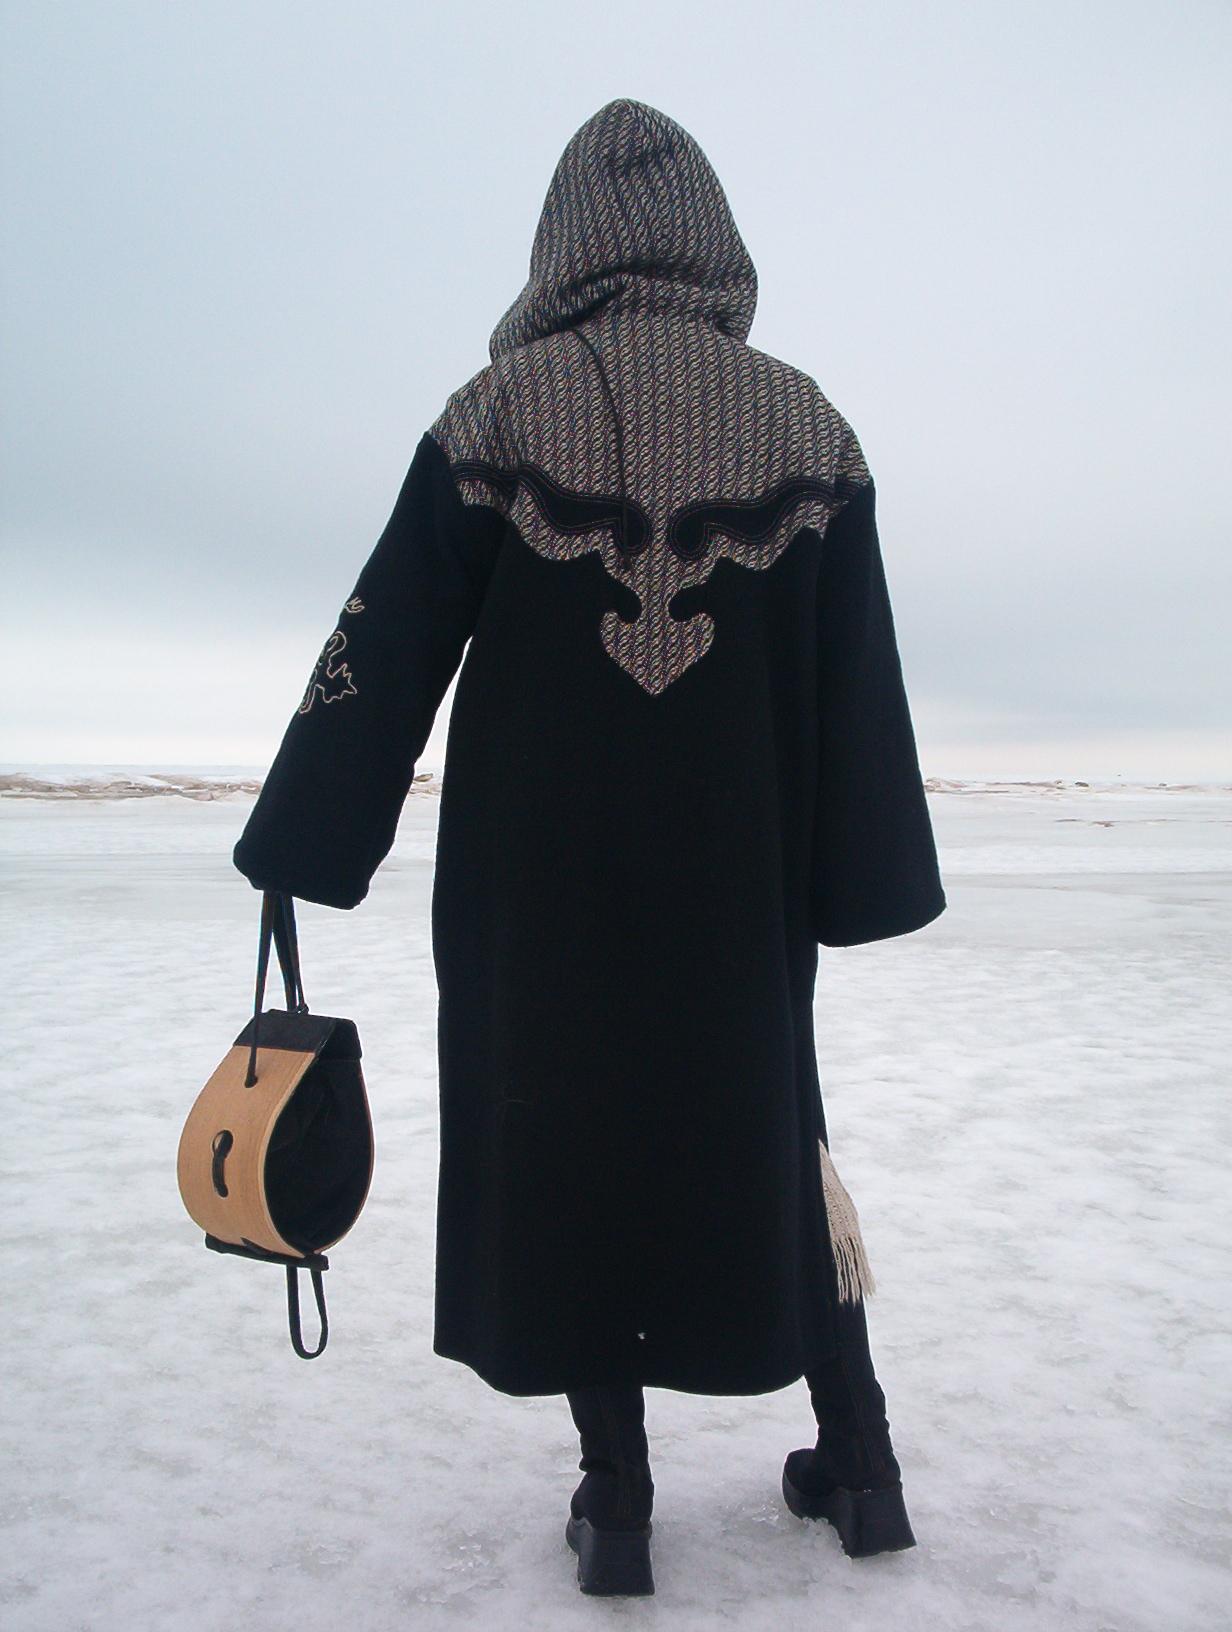 naine kandmas must-halli mantlit suure puidust kotiga käes